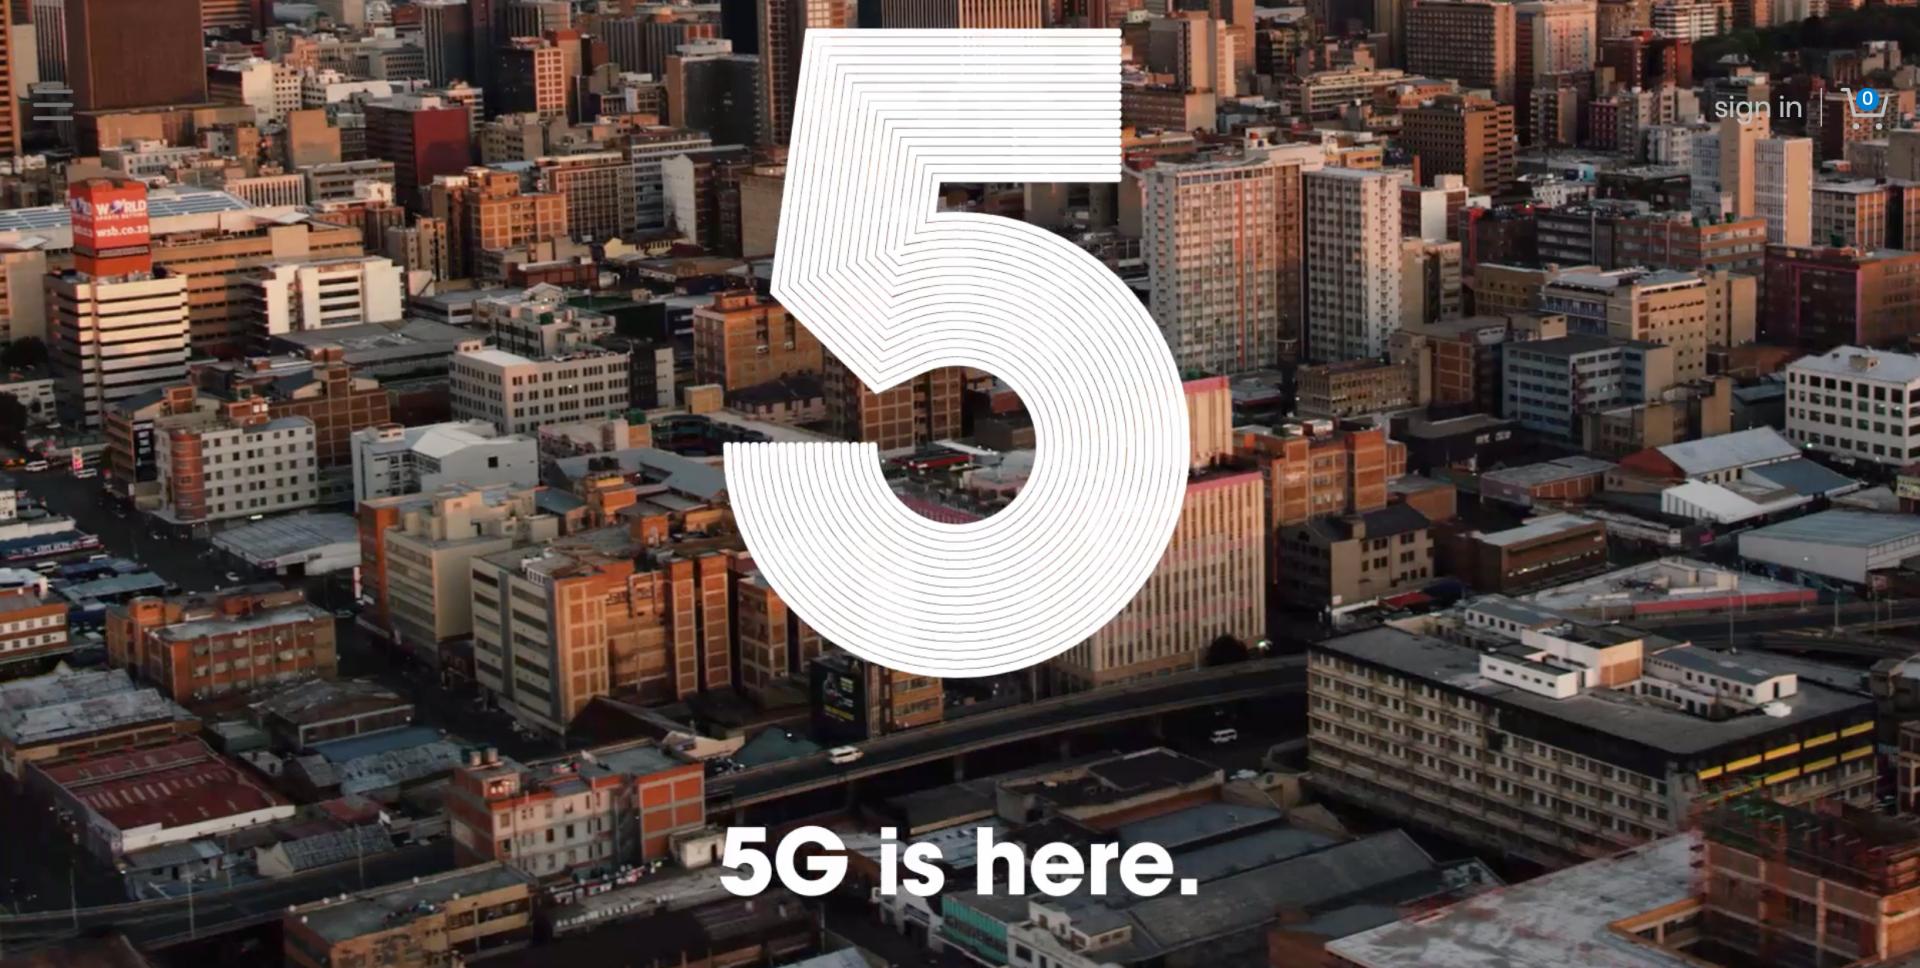 南非移动数据网络运营商rain在南非推出商用5G网络